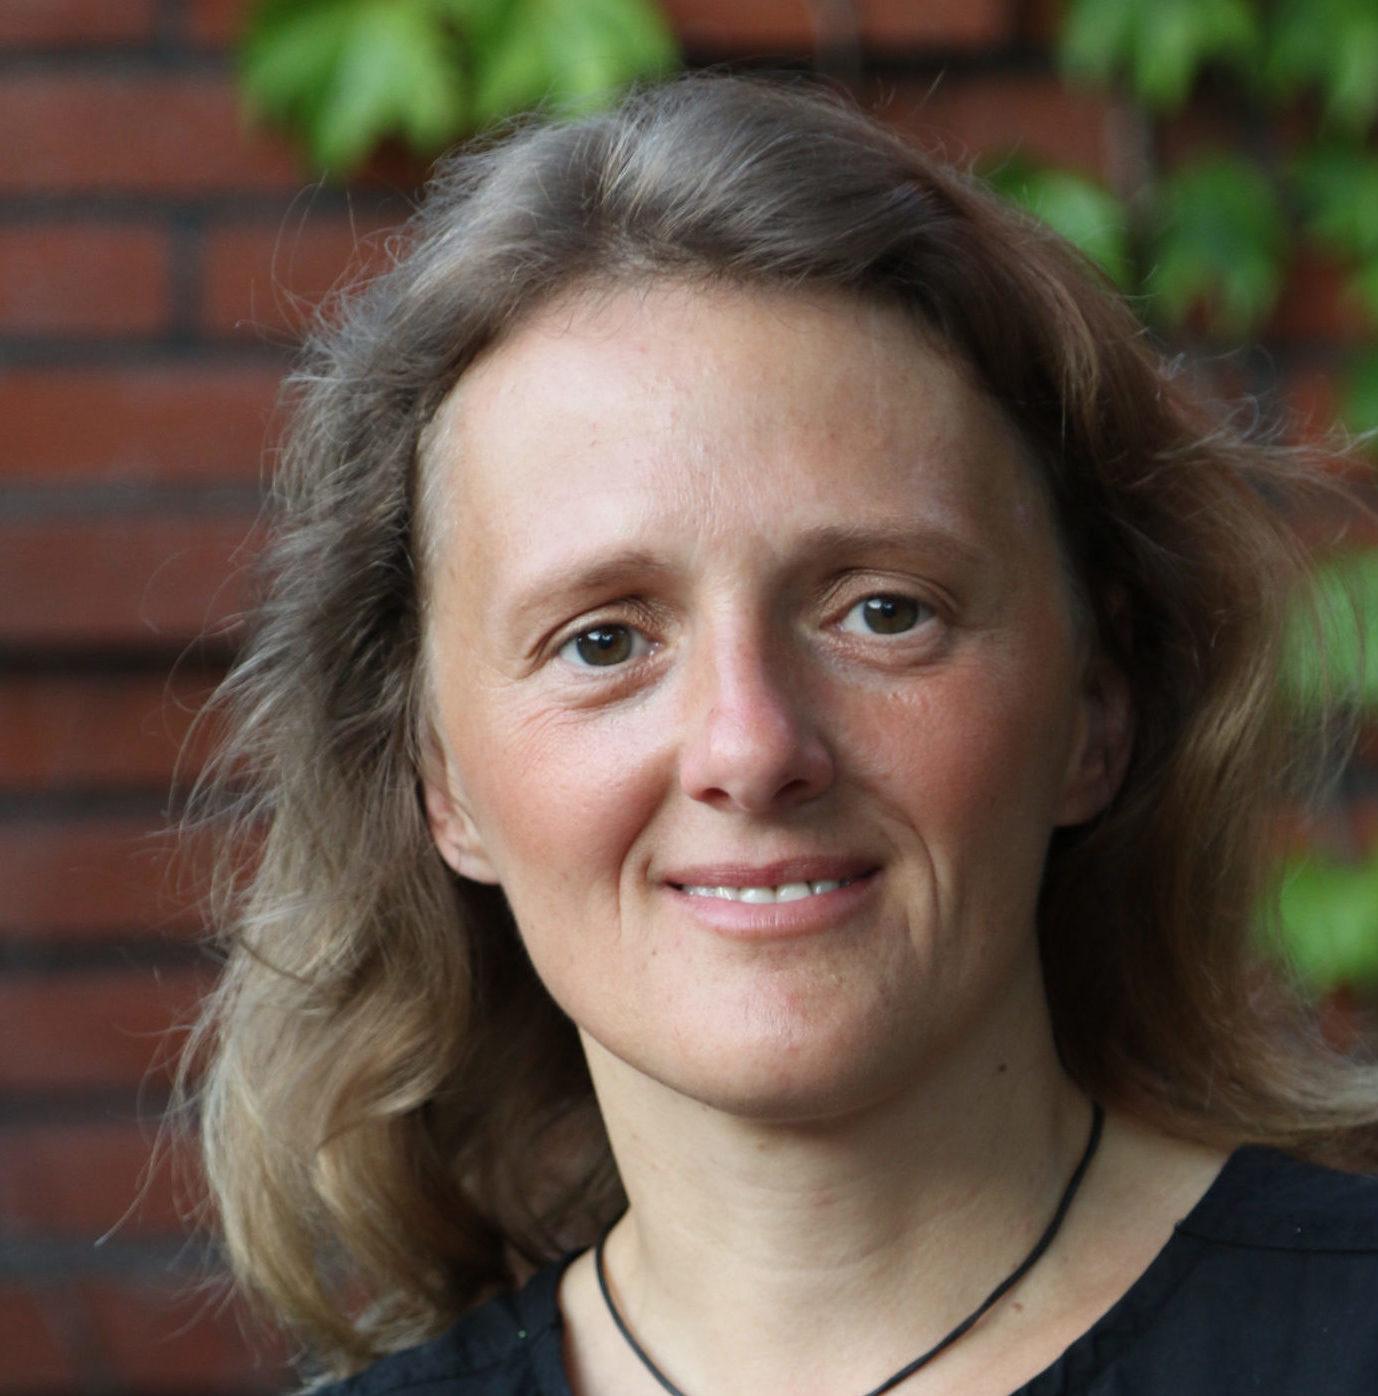 Sabine Schorcht